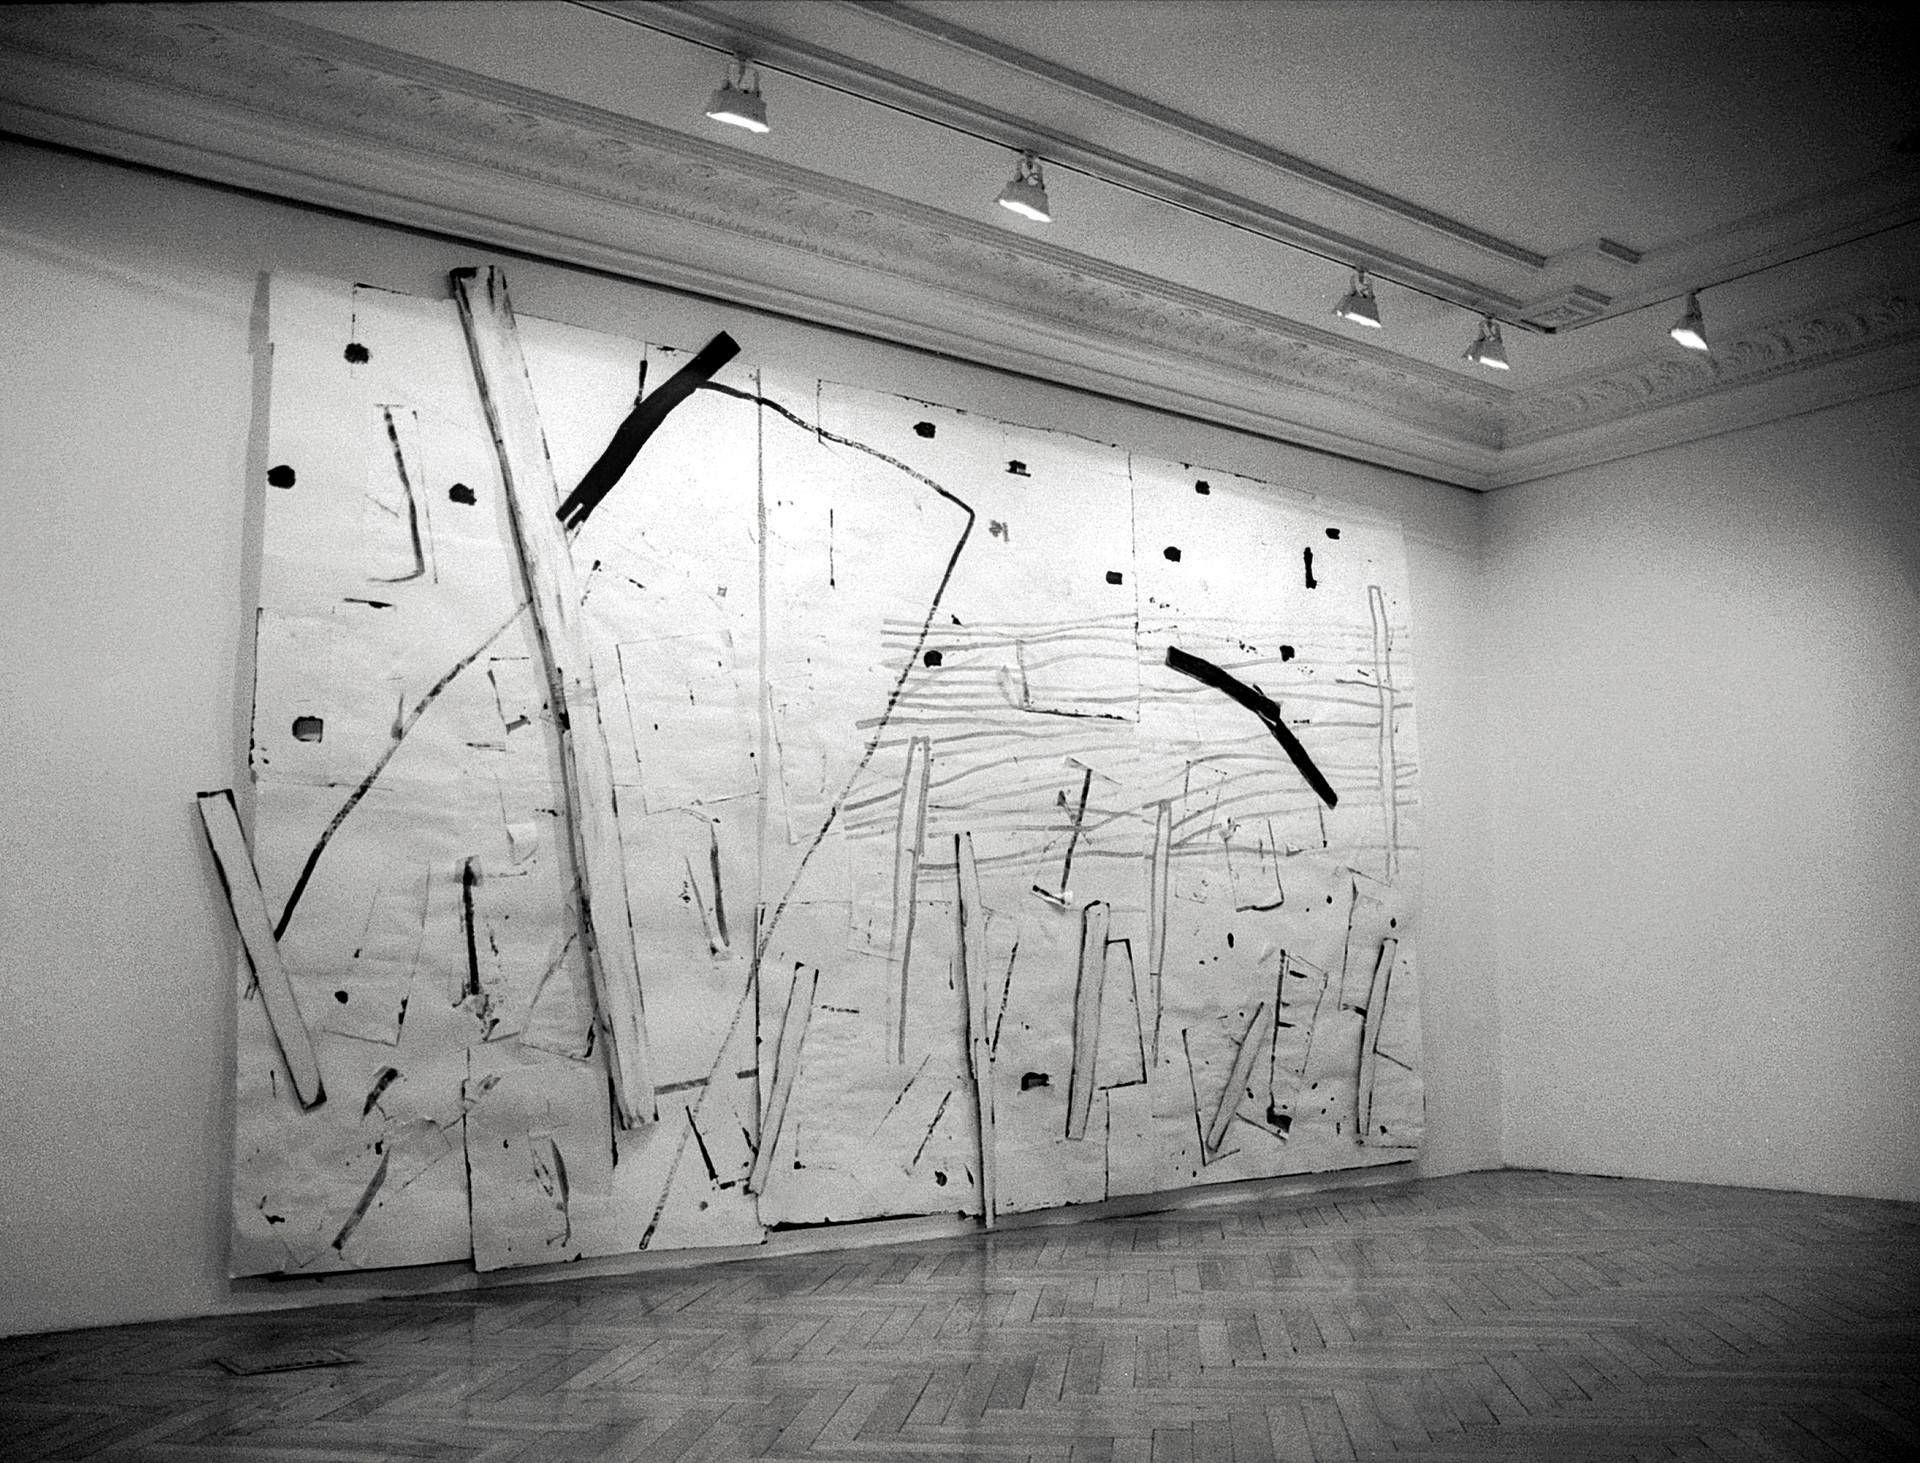 Collections Center Mediteranean Contemporary, 2002